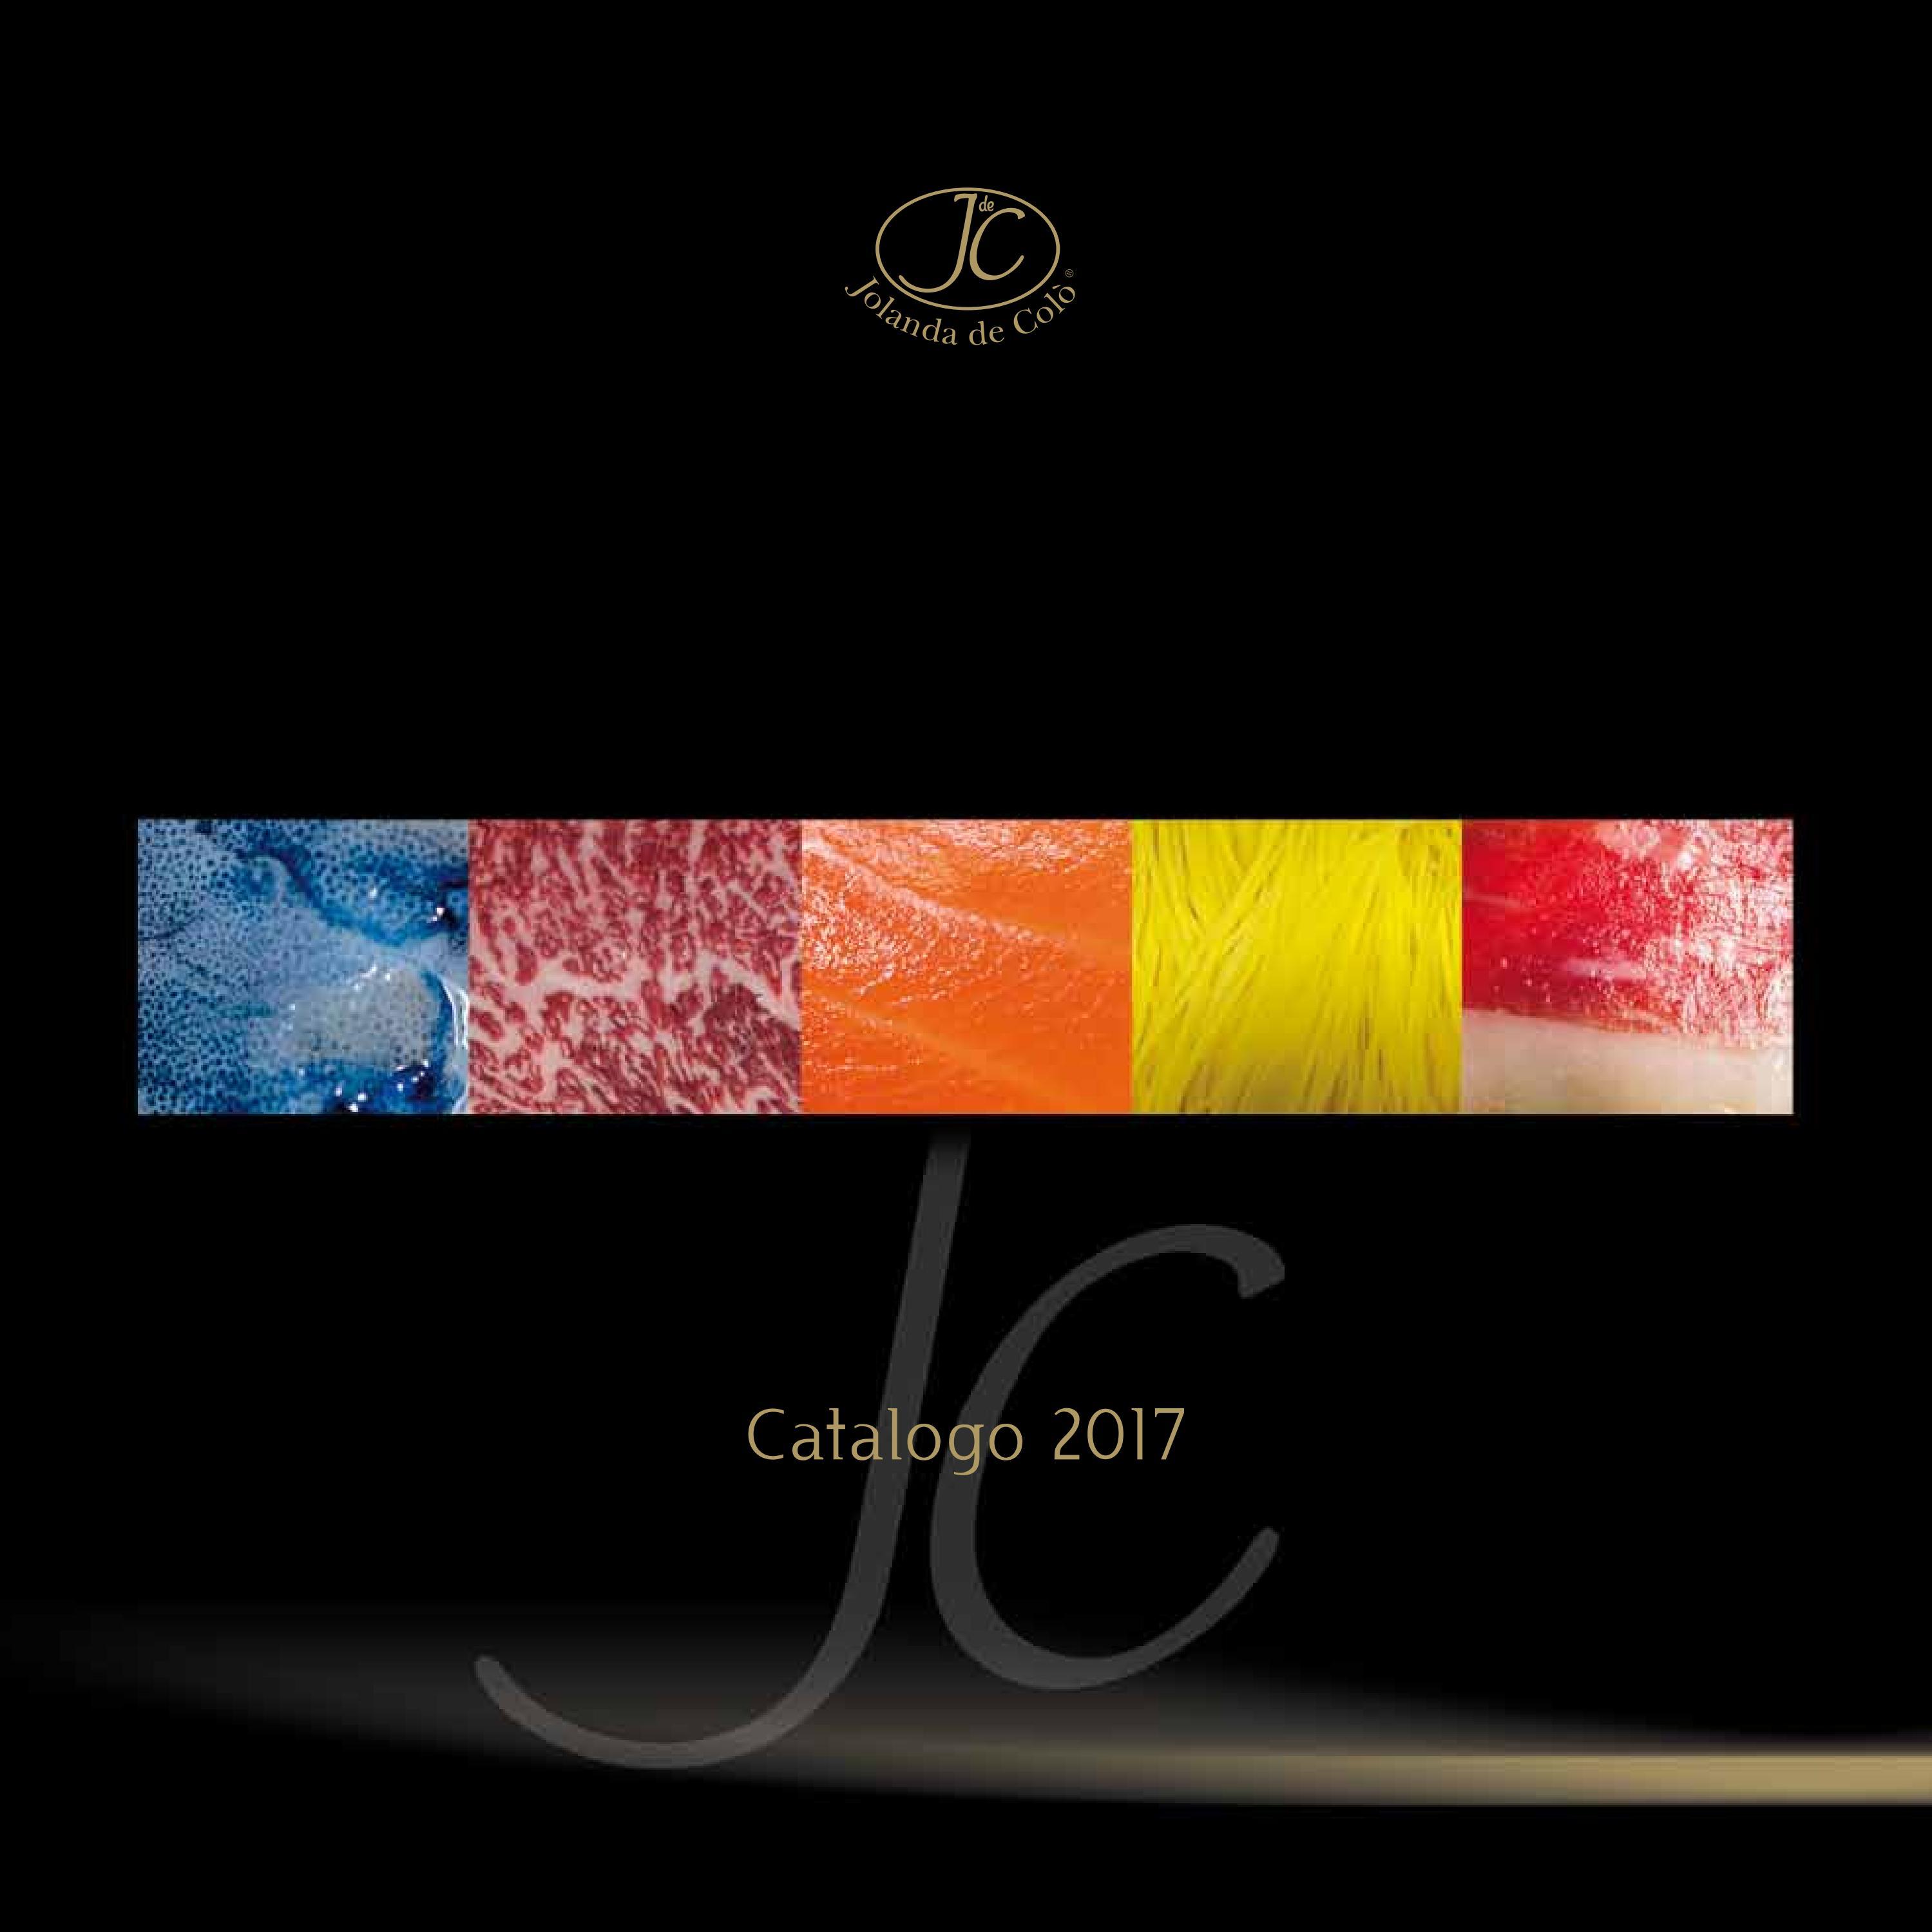 Symbol Of The Brand Sale E Pepe Primi 900 In Cofanetto Complementi D'arredo Arte E Antiquariato